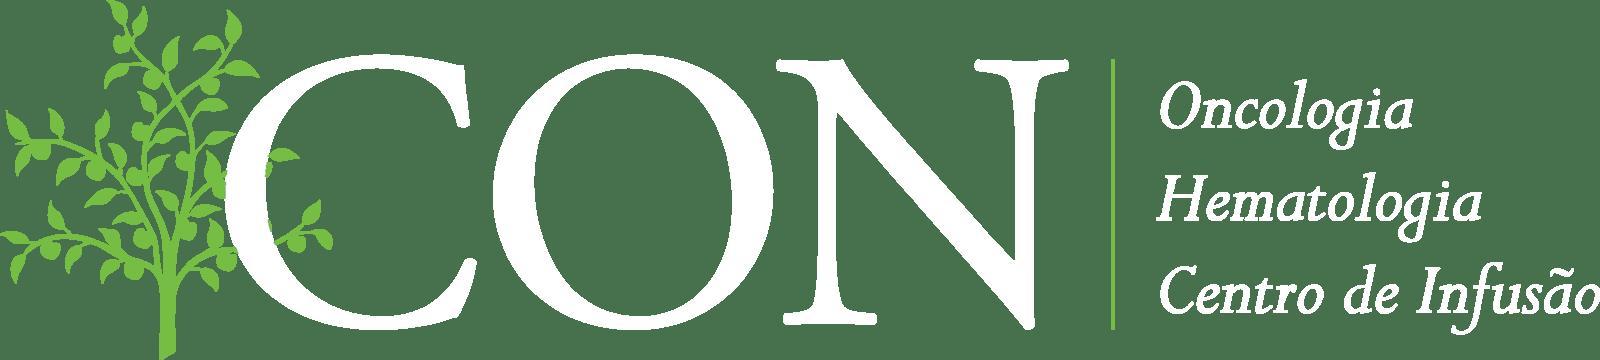 CON   Oncologia, Hematologia e Centro de Infusão